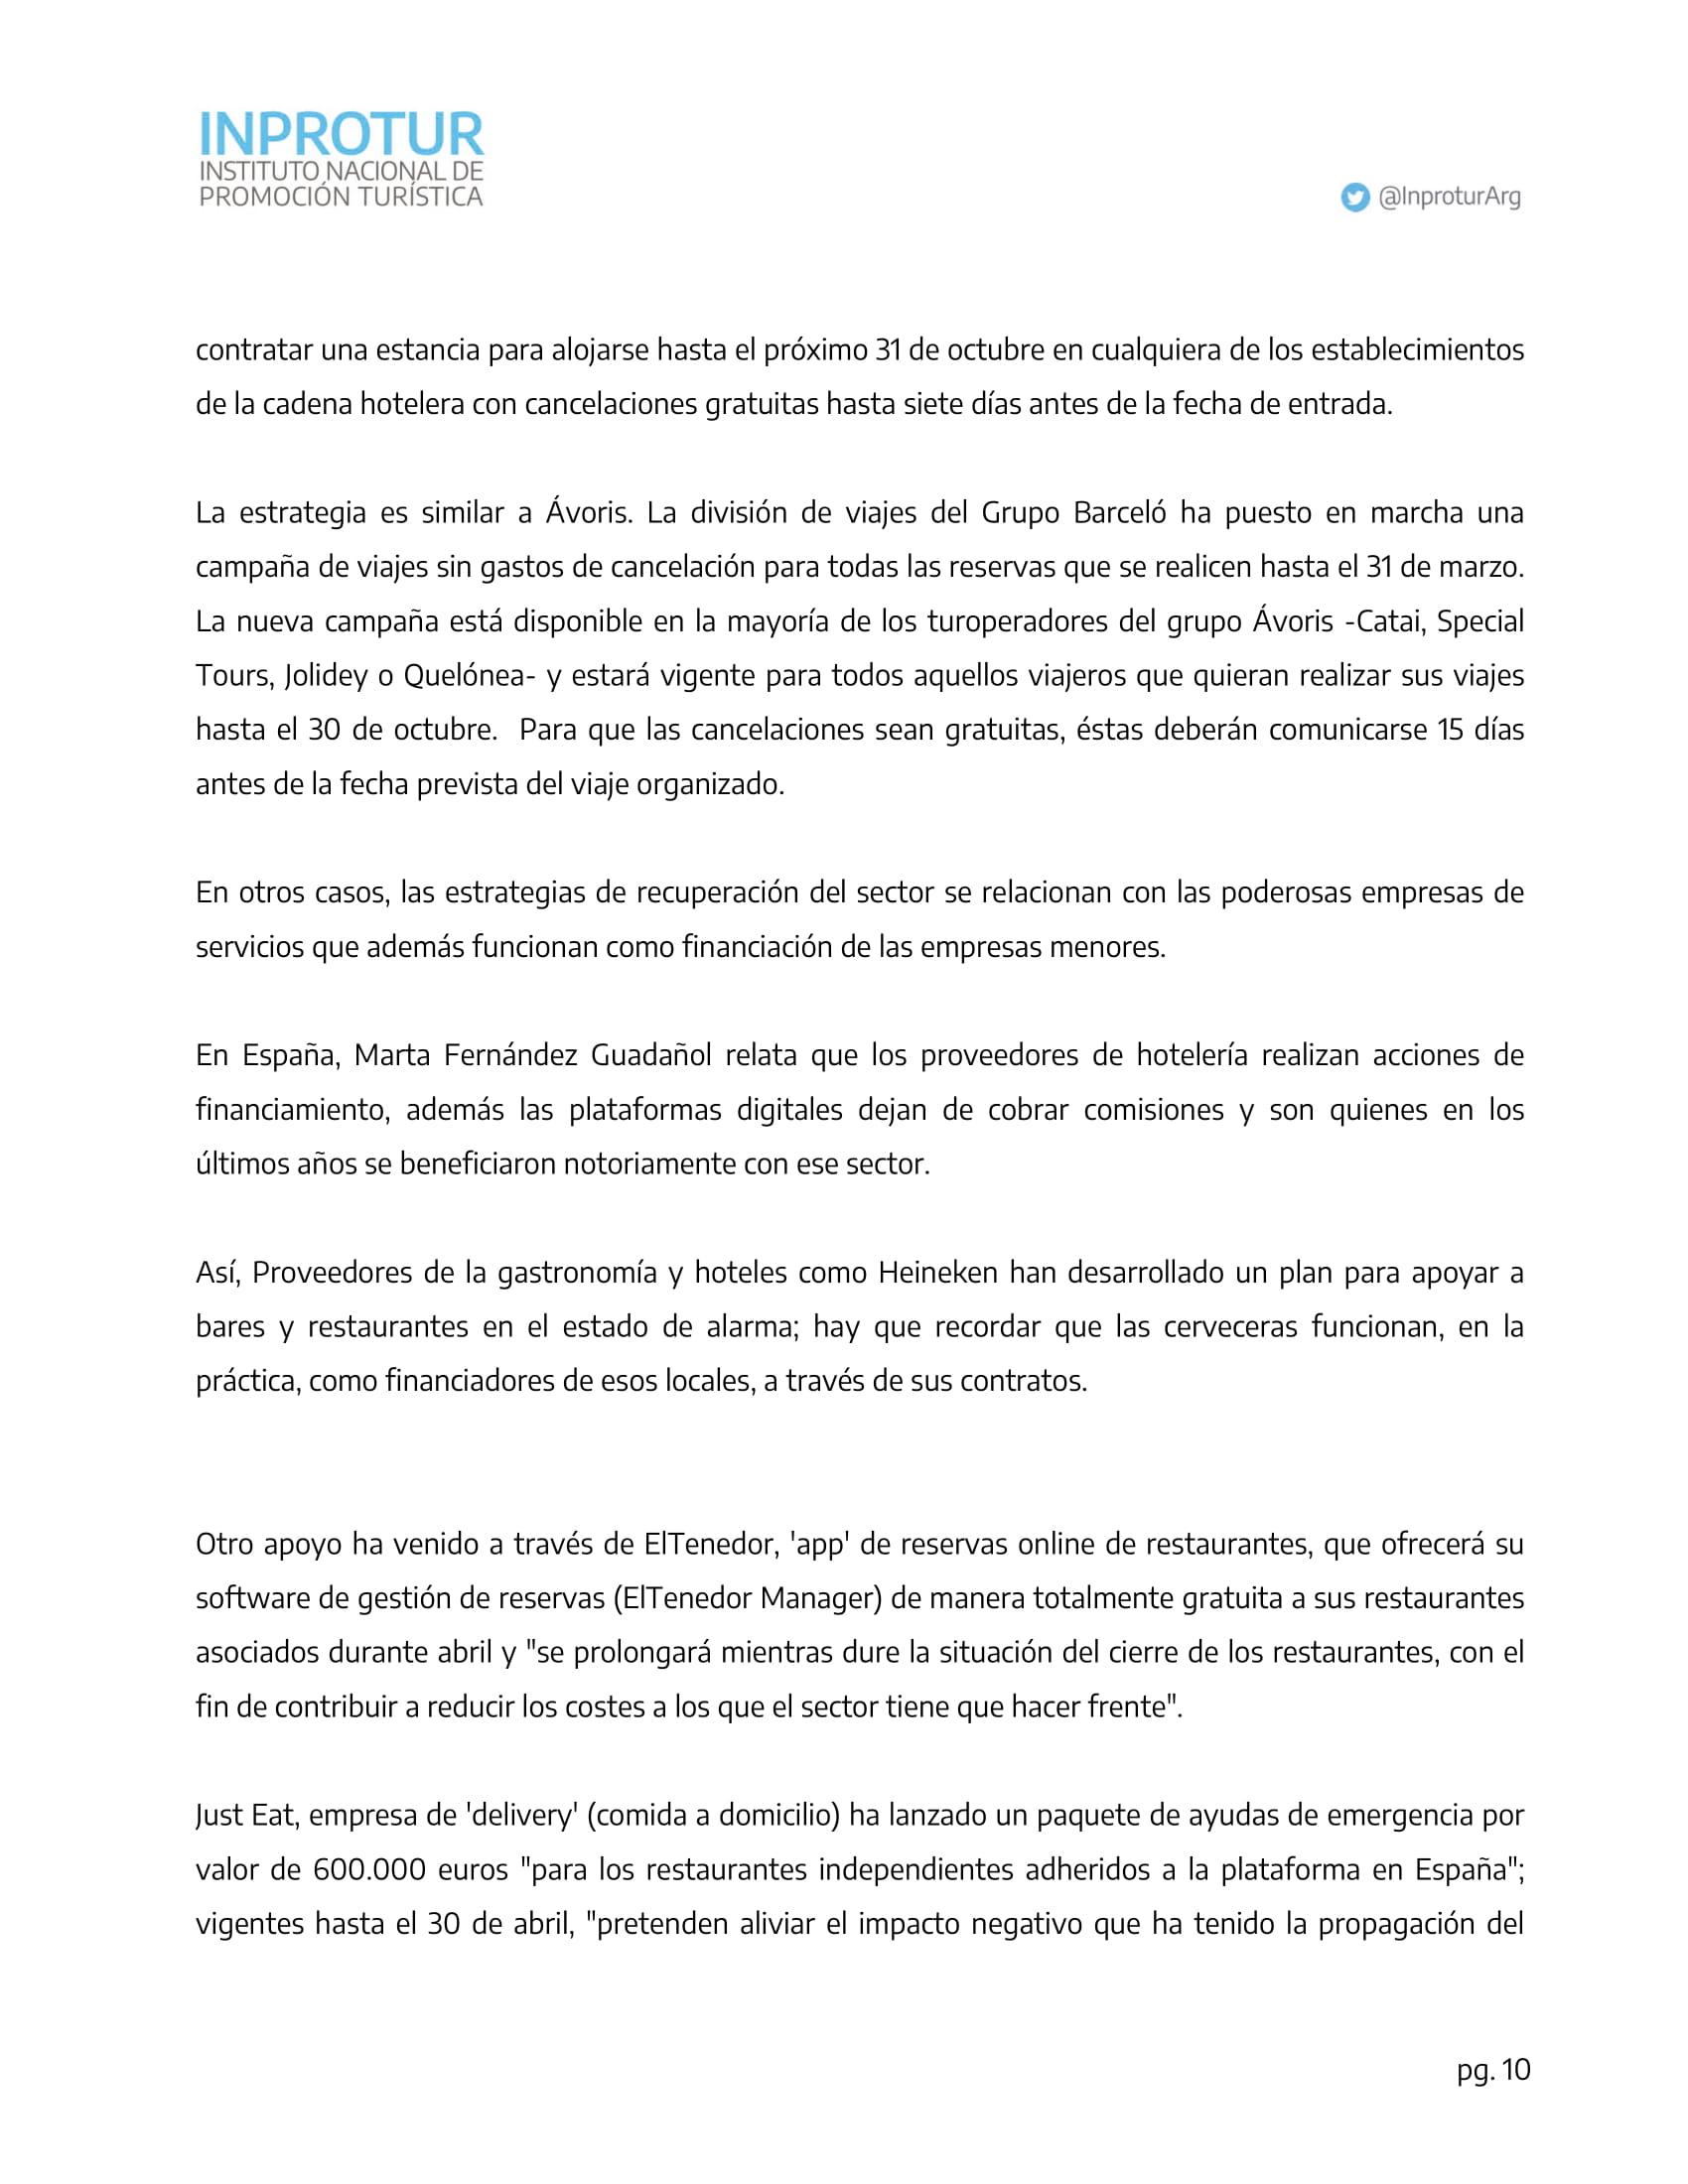 Informe-de-coyuntura-Turismo-y-Coronavirus-2020-10